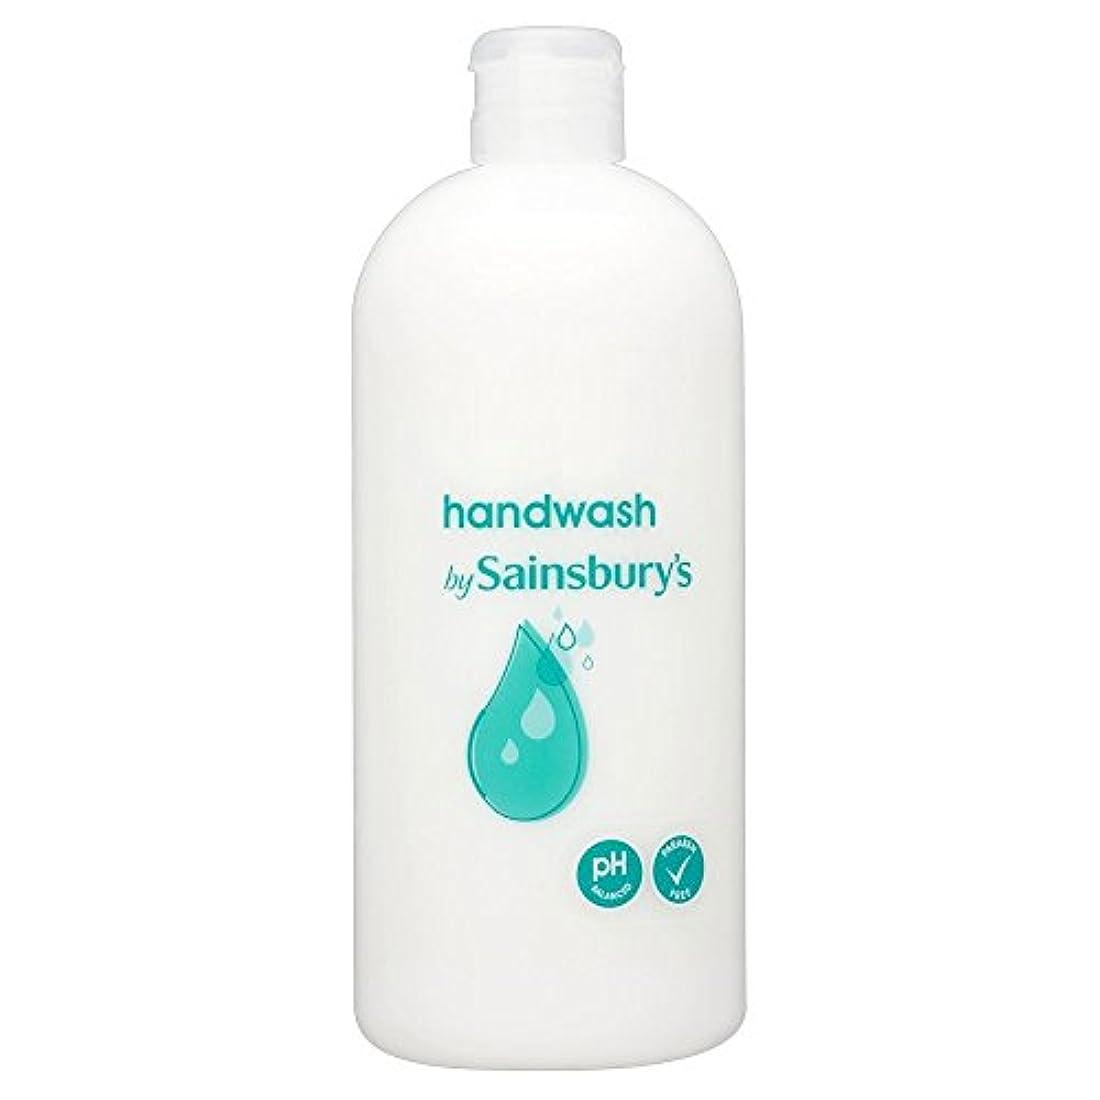 全国記憶に残る露出度の高いSainsbury's Handwash, White Refill 500ml - (Sainsbury's) 手洗い、白リフィル500ミリリットル [並行輸入品]